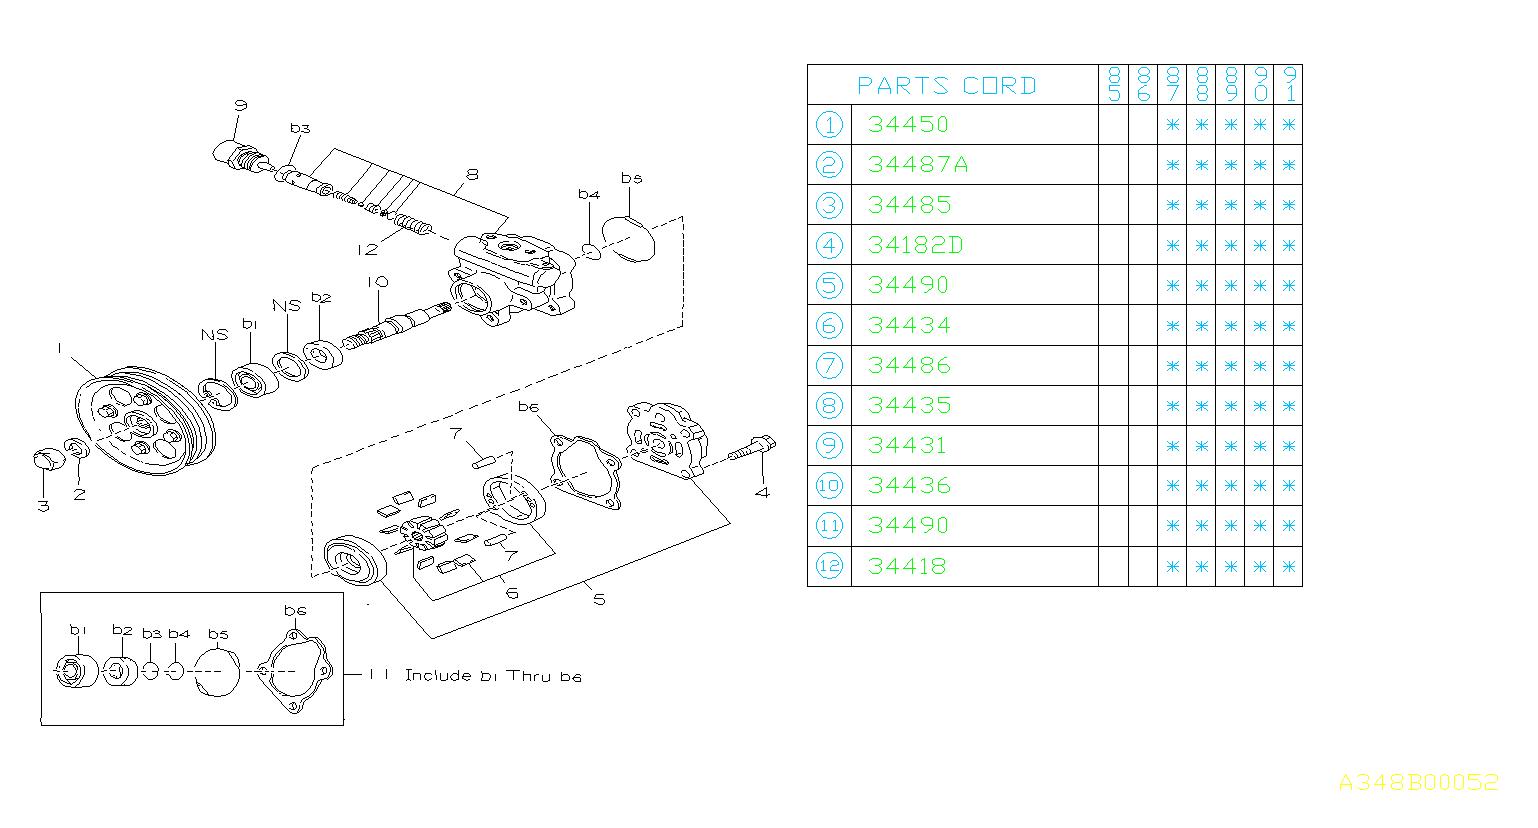 1990 Subaru Xt Repair Kit